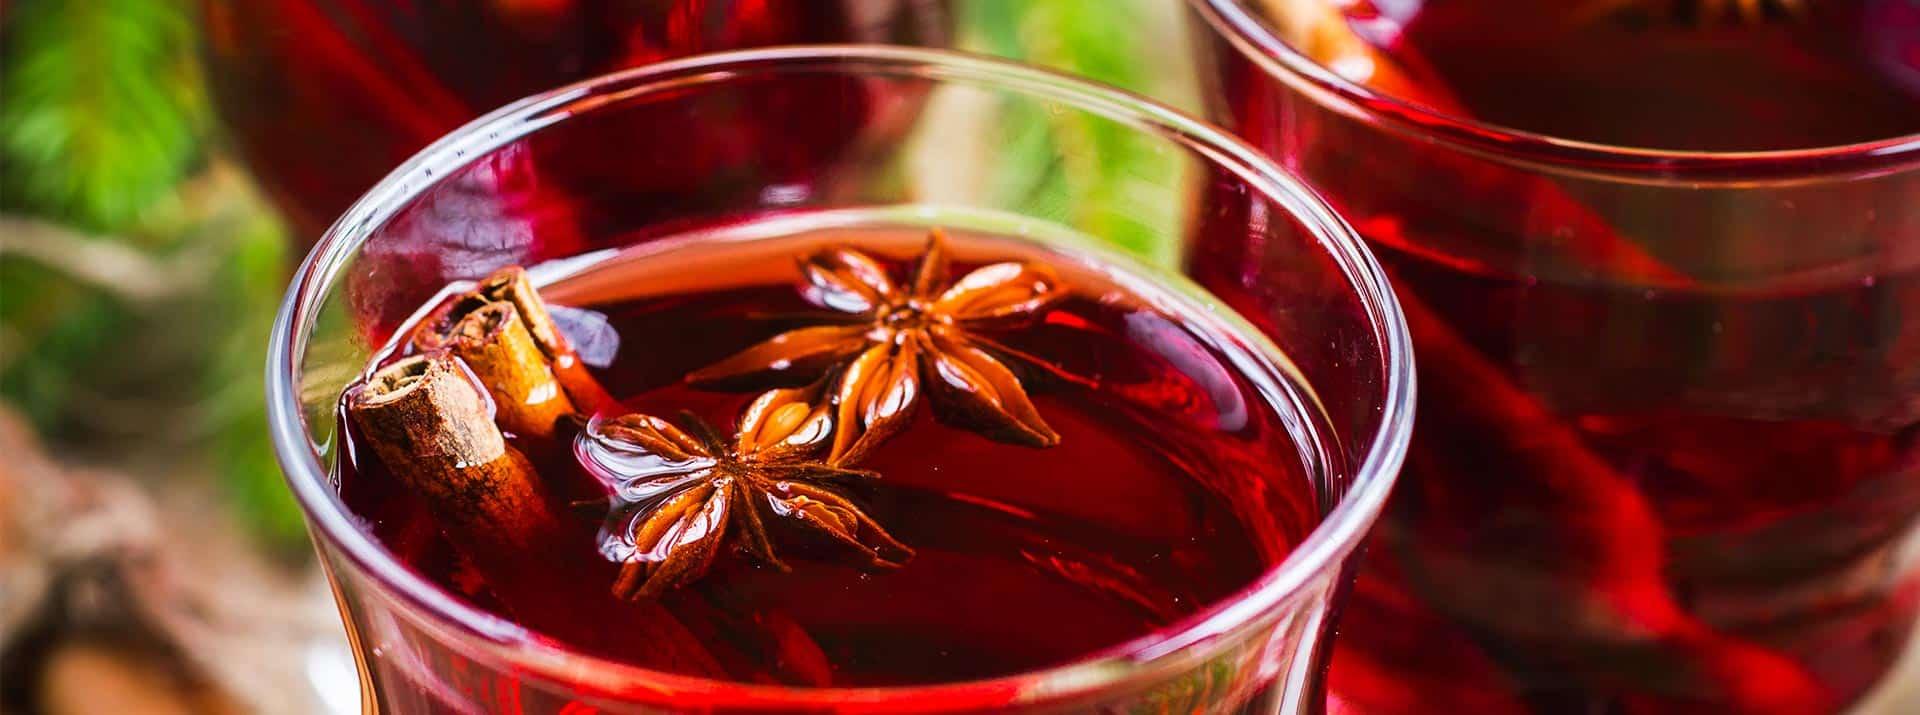 Heisse Getränke und Glühwein - Weinkellerei Meraner